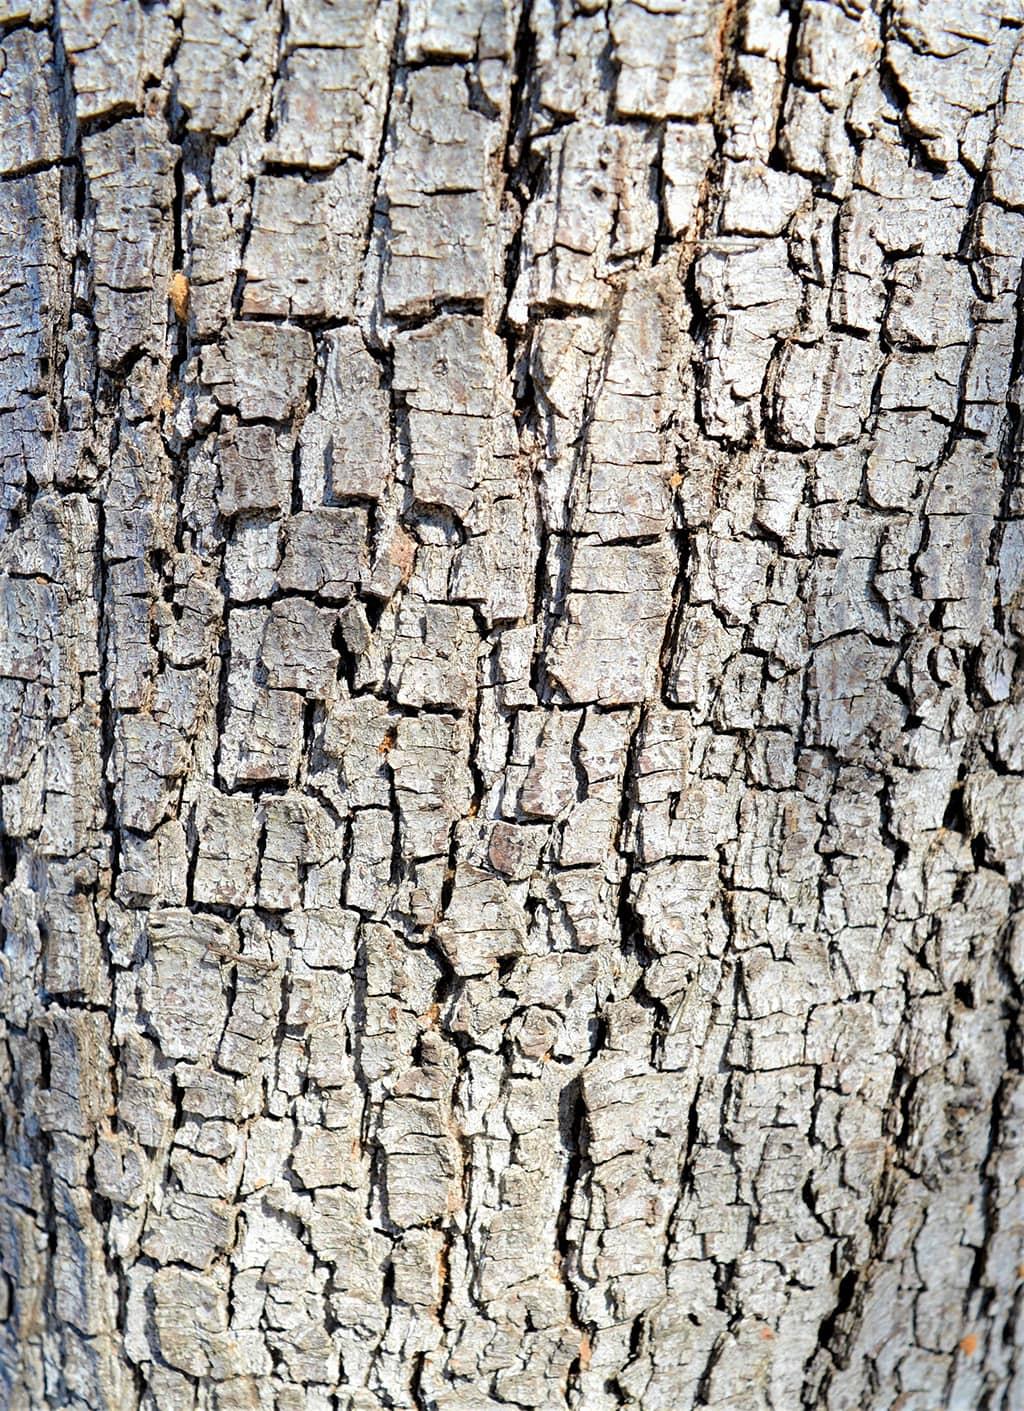 Holly Oak Bark by David Gress